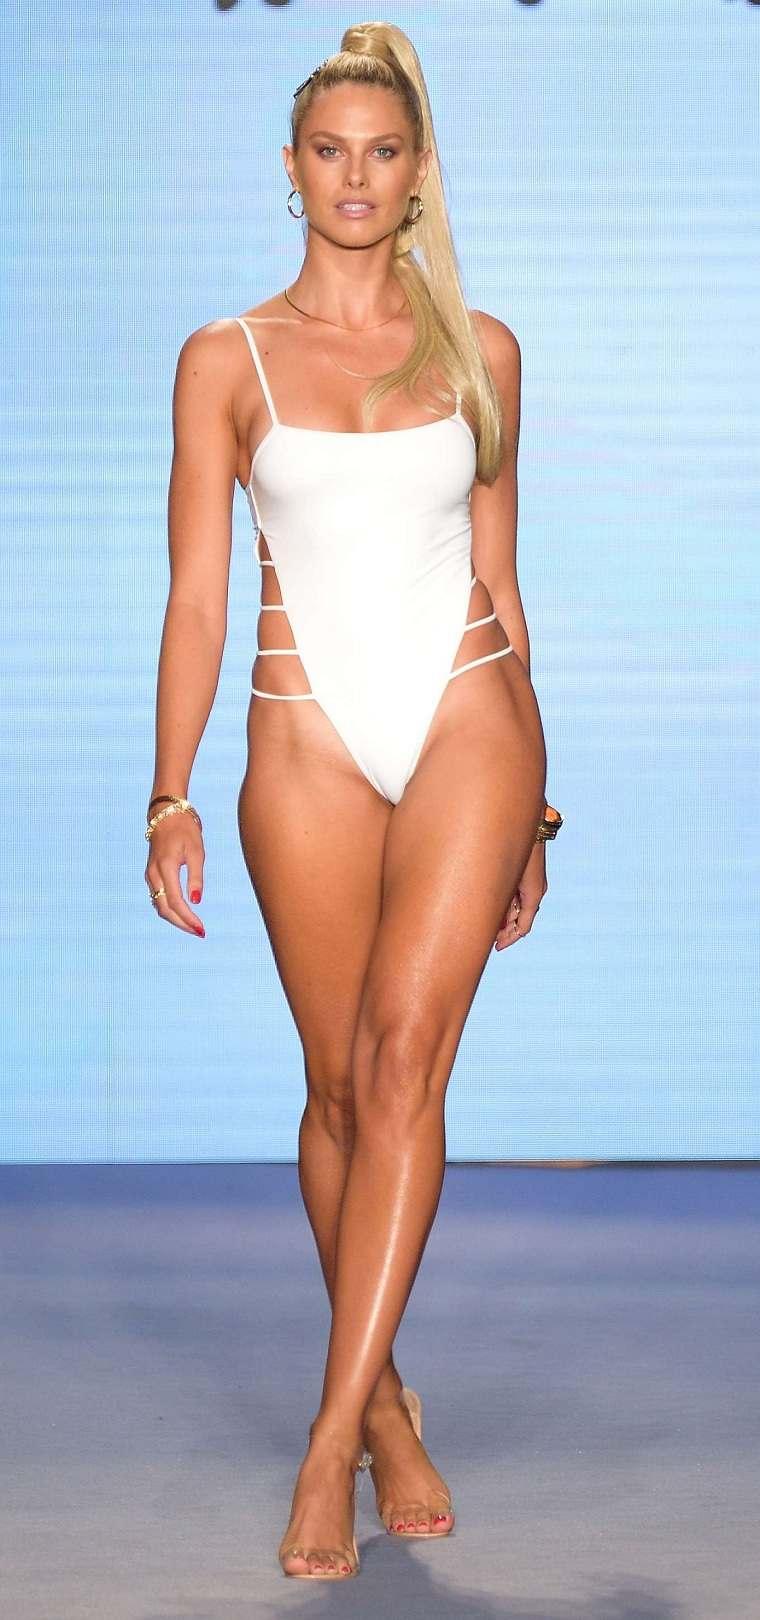 Badgley-Mischka-trajes-bano-2020-color-blanco-moda